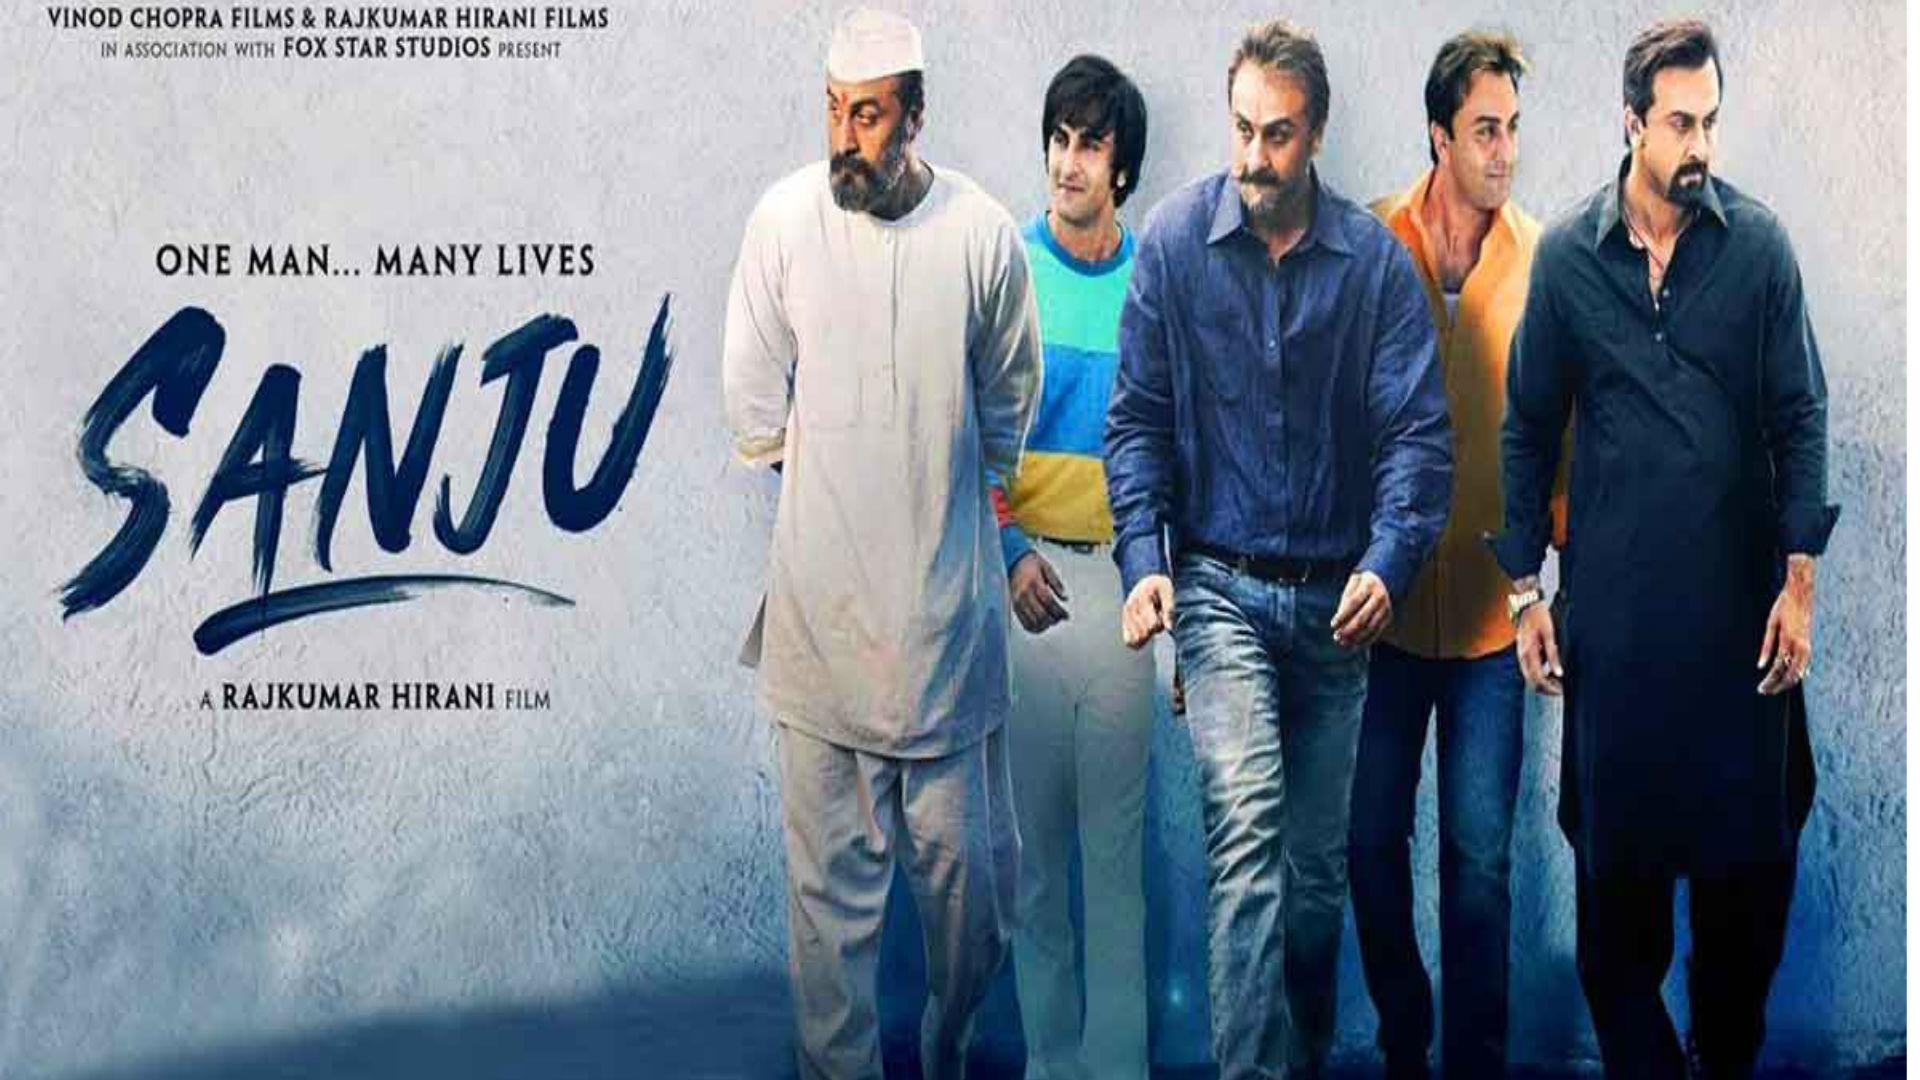 राजकुमार हिरानी की फिल्म 'संजू' ने फिर किया कमाल, जल्द मिलने वाला है ये बड़ा पुरस्कार